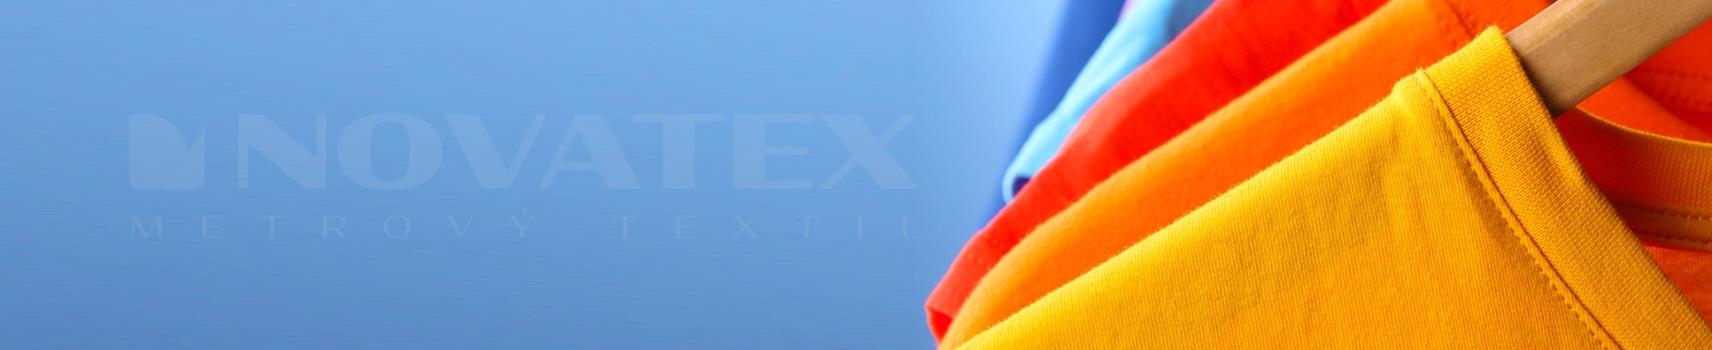 NOVATEX Metrový textil - Bavlněný úplet - všestranné využití - trička, legíny, šaty, tepláky, čepice